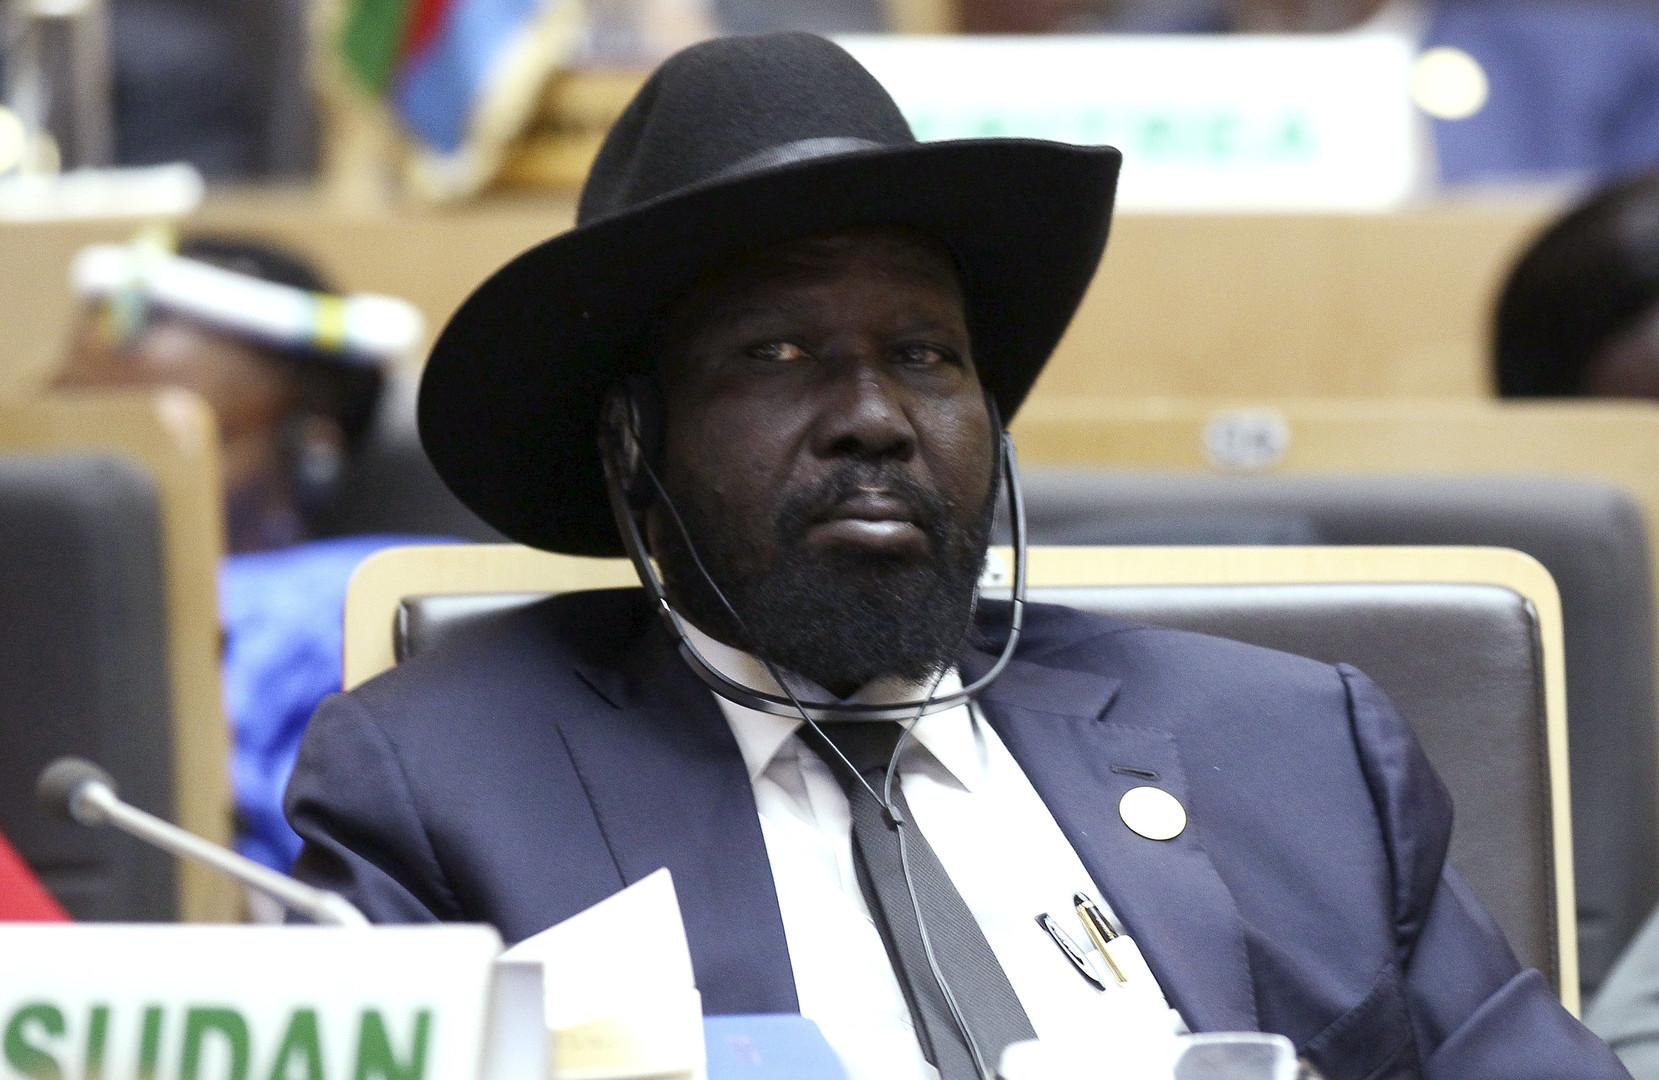 جنوب السودان ينفي خطف وإعدام معارضين بارزين